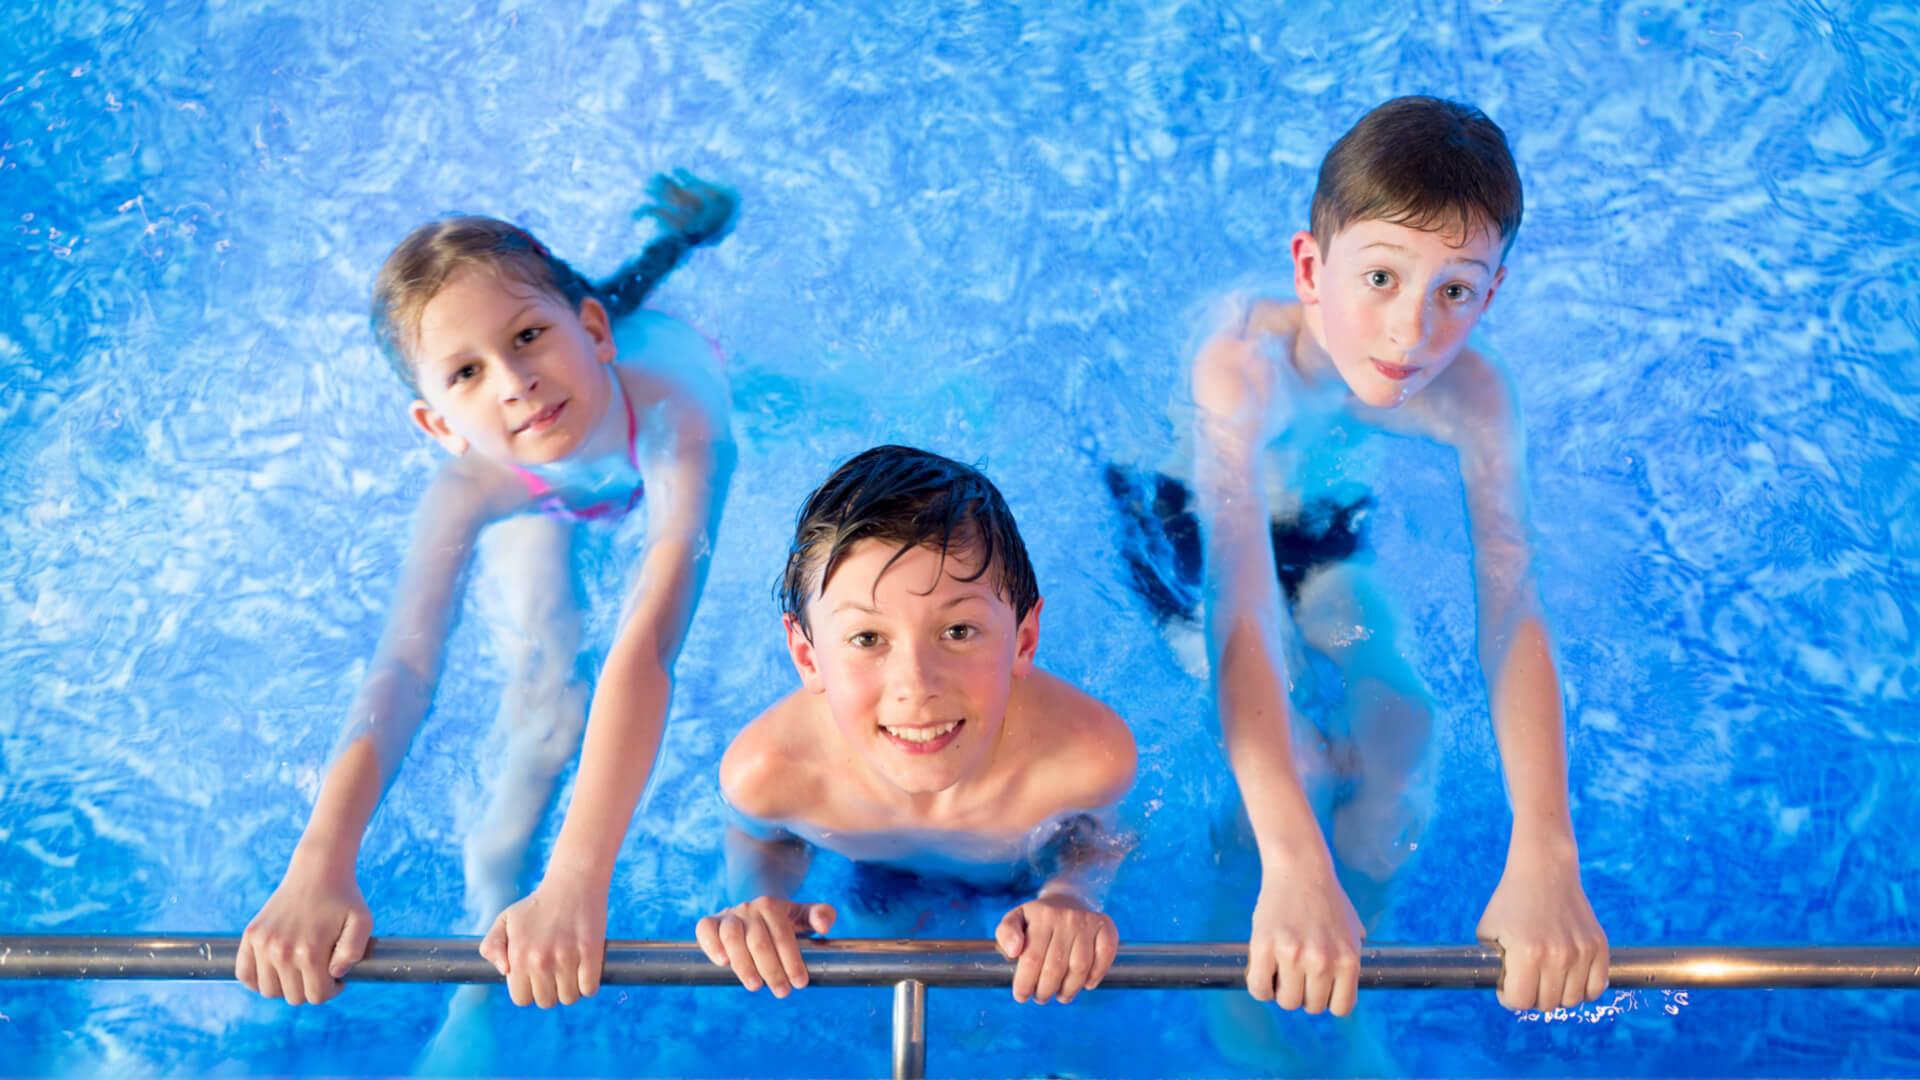 AQUAMARIN klub plavání dětí a rodin v Praze 4 Krči